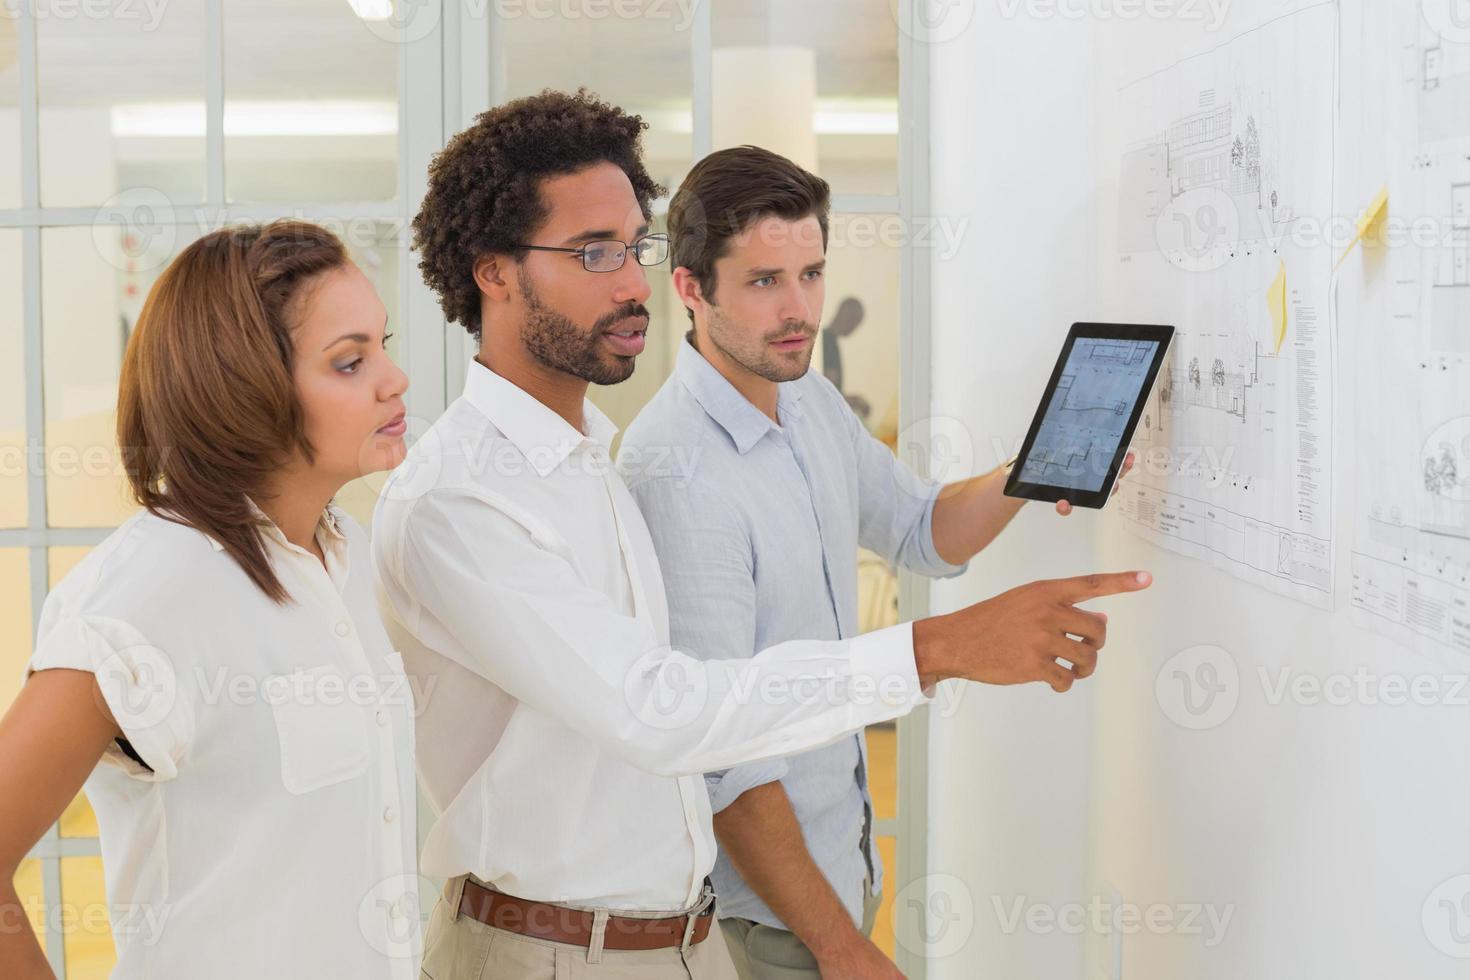 mensen uit het bedrijfsleven met behulp van digitale tablet in vergadering op kantoor foto